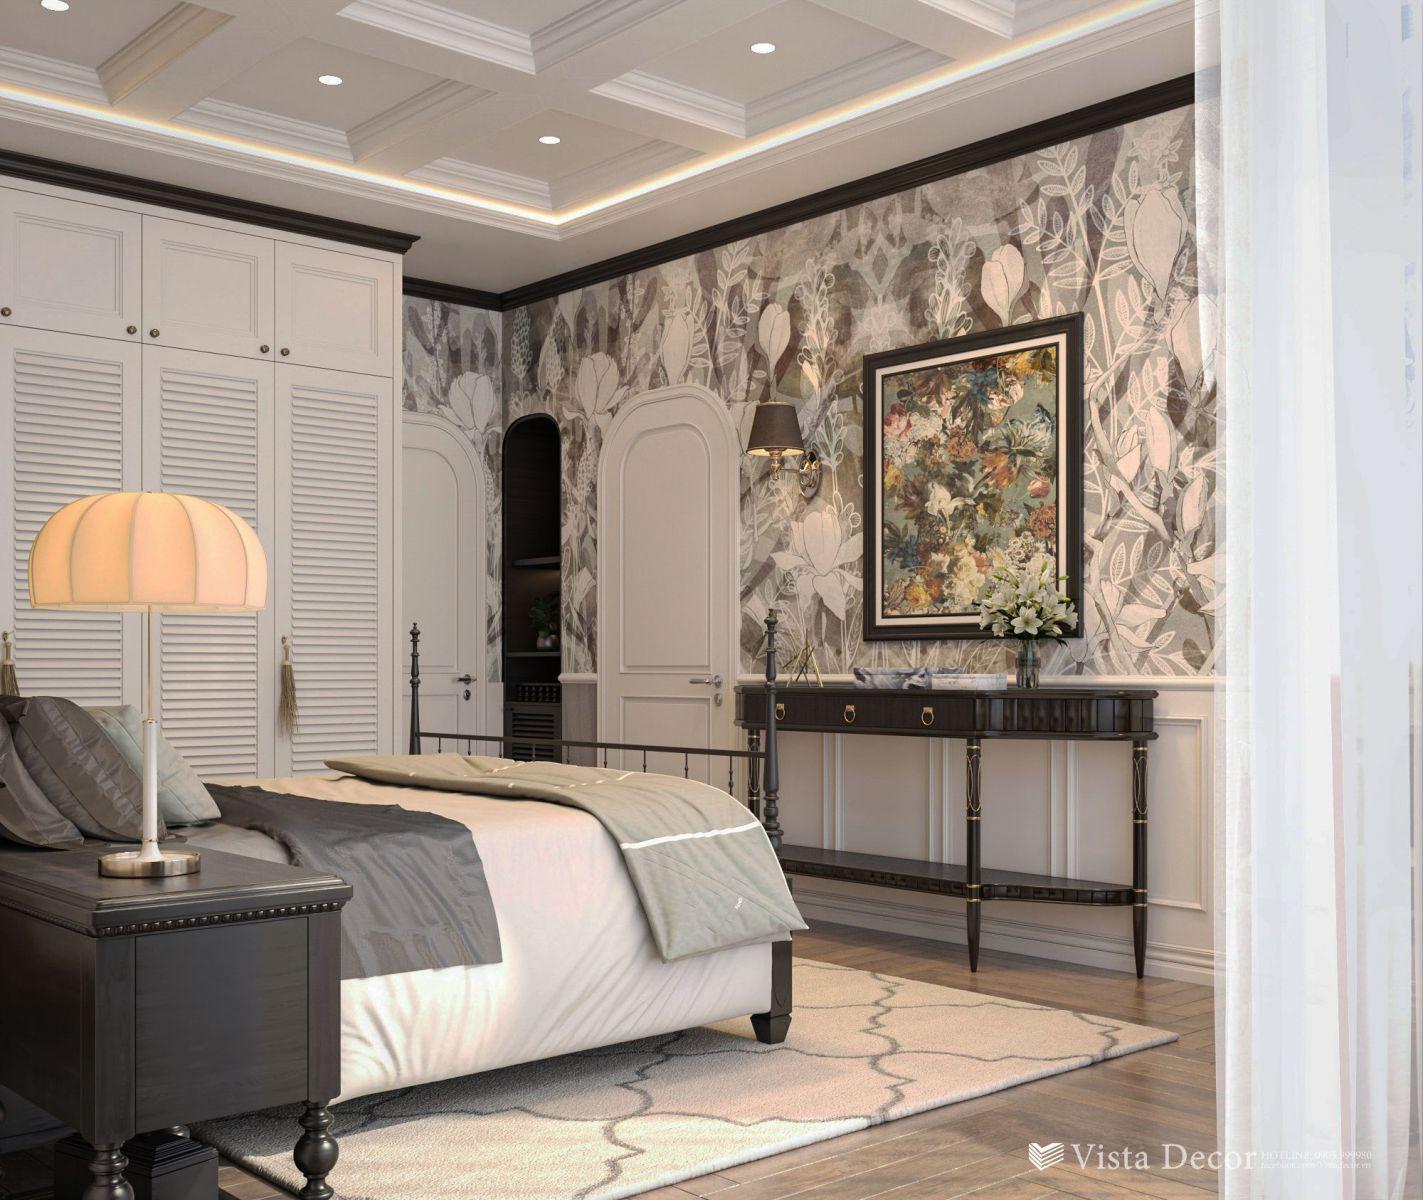 Thiết kế phòng ngủ căn hộ 2PN diện tích 110 - dự án Aria Vũng Tàu